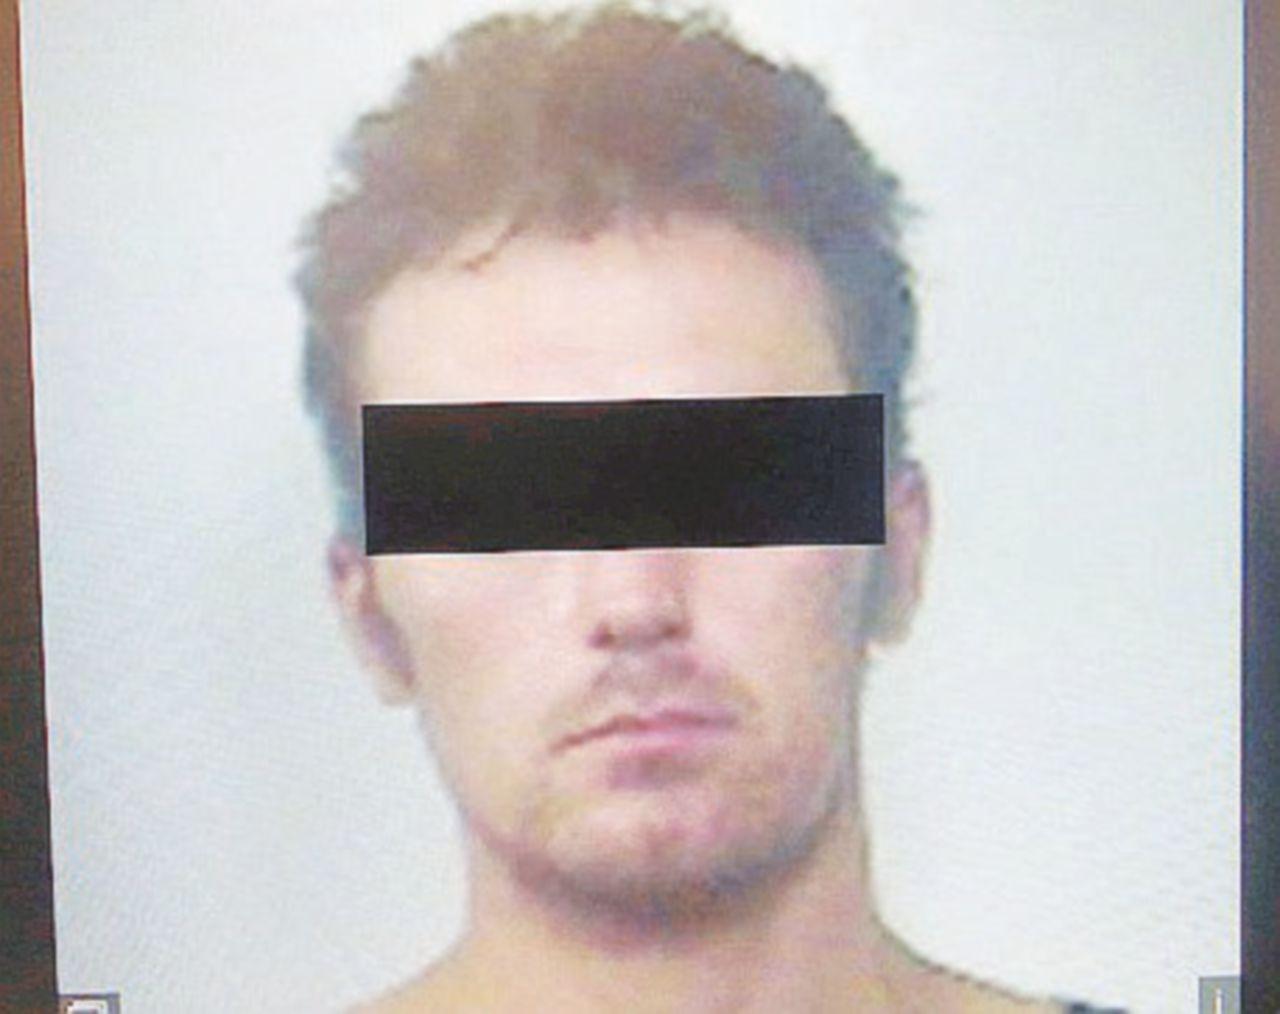 Budrio, barista ucciso per rapina: ricercato in tutta l'Emilia un ex militare dell'Armata Rossa